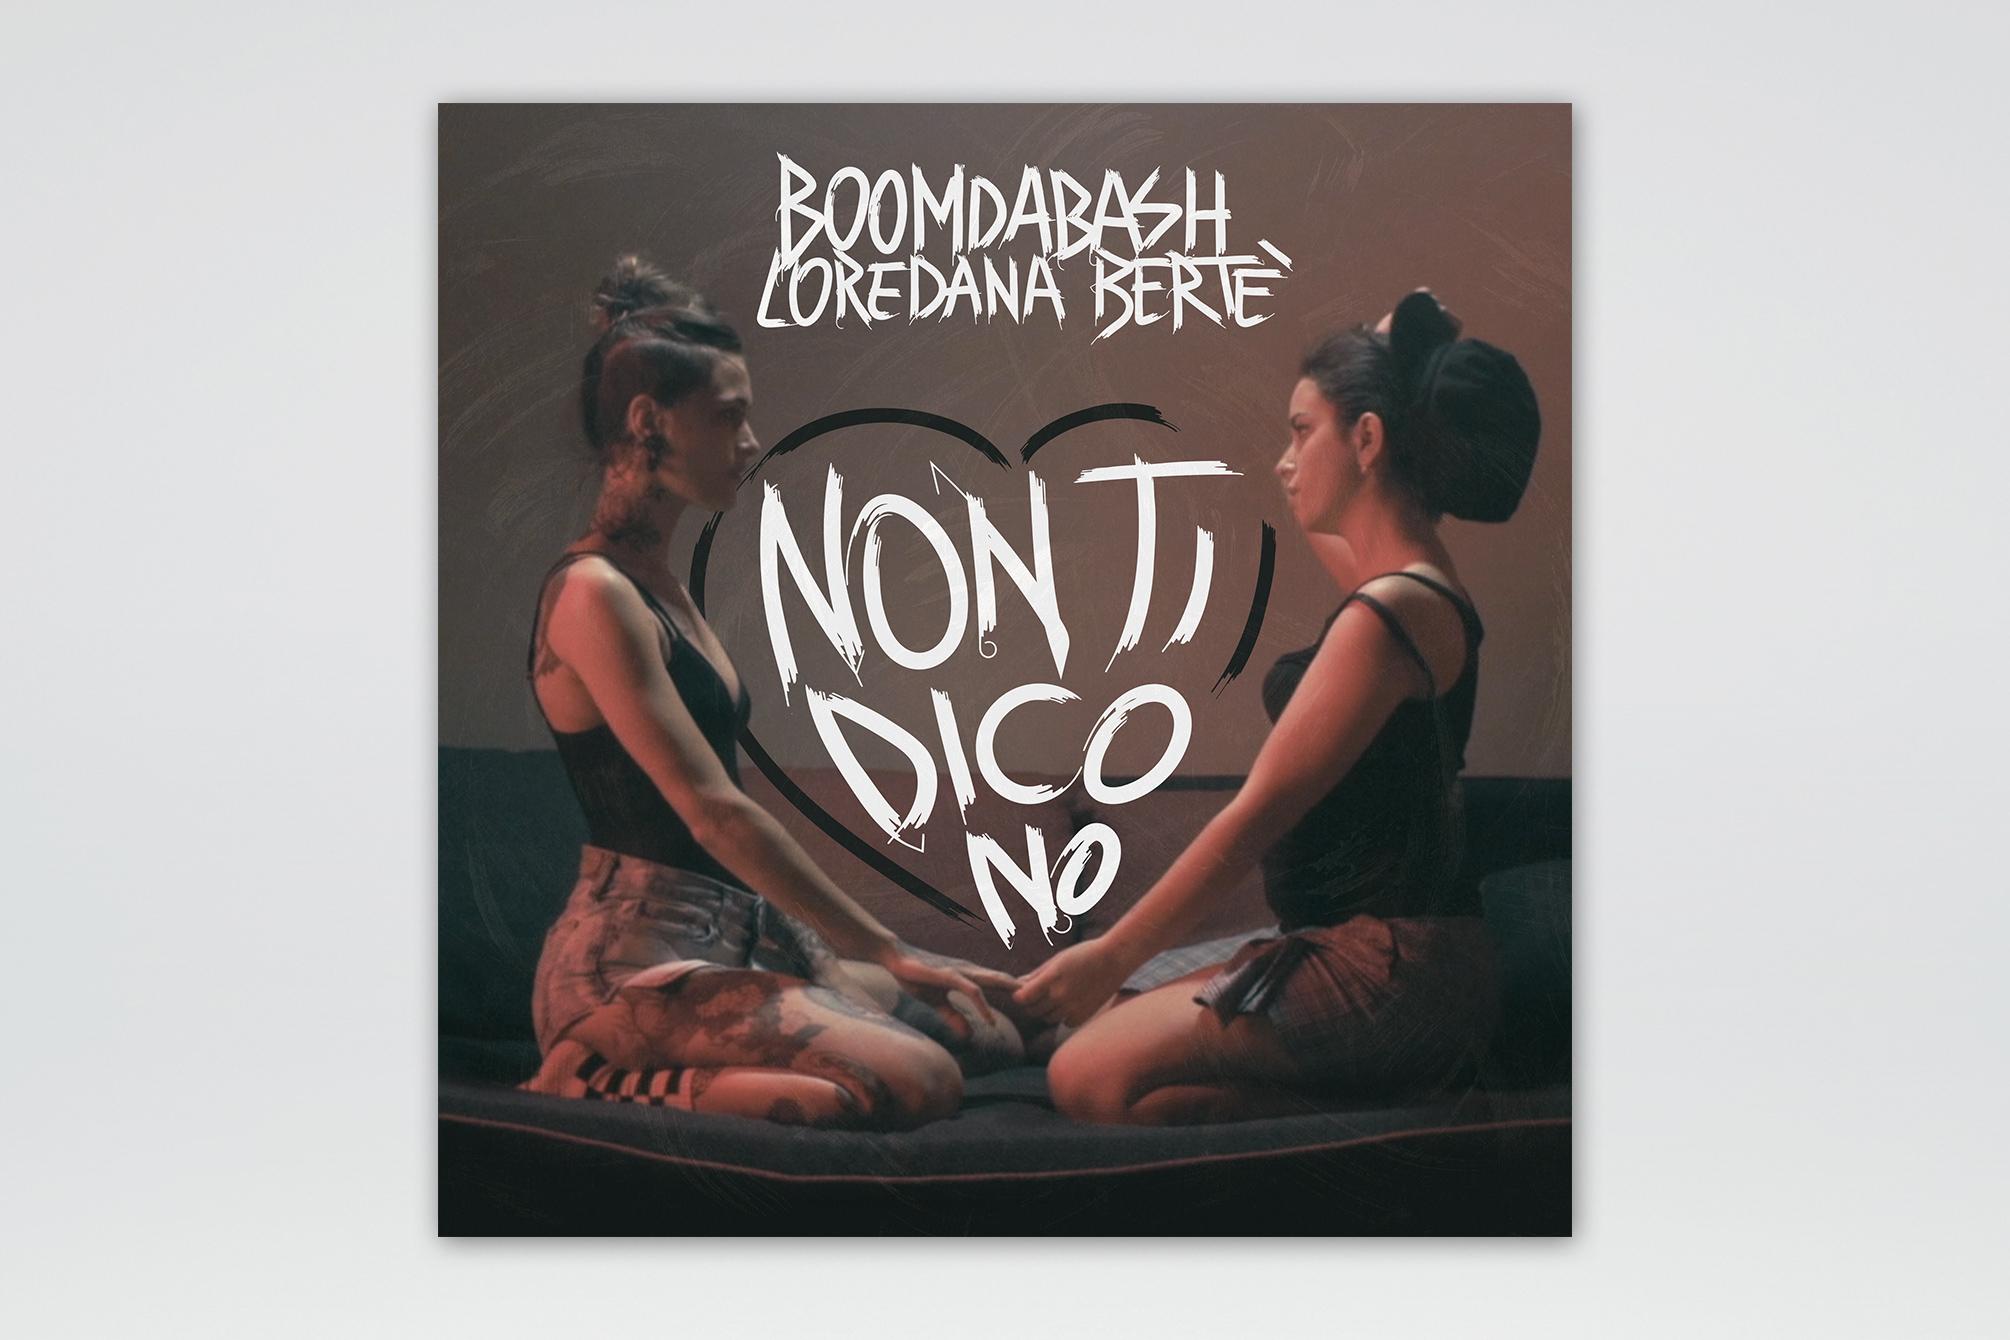 """Boomdabash & Loredana Bertè """"Non Ti Dico No"""" - Artwork Cover - img 1"""